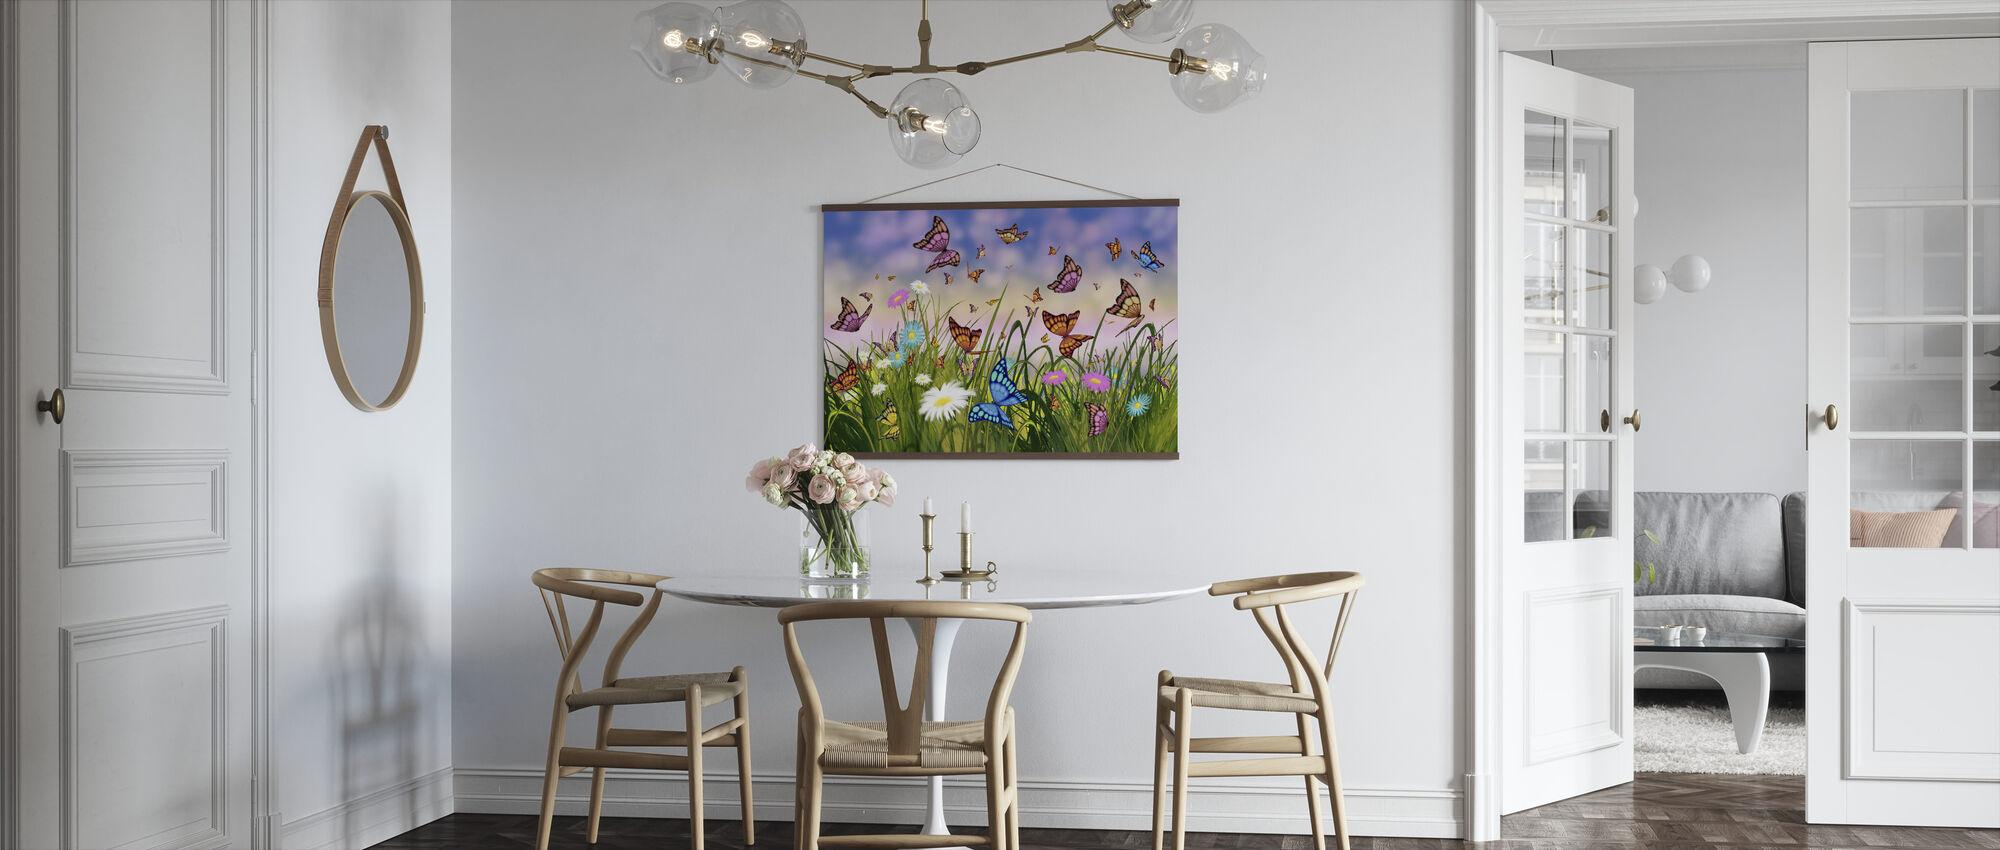 Vlinder Dromen - Poster - Keuken